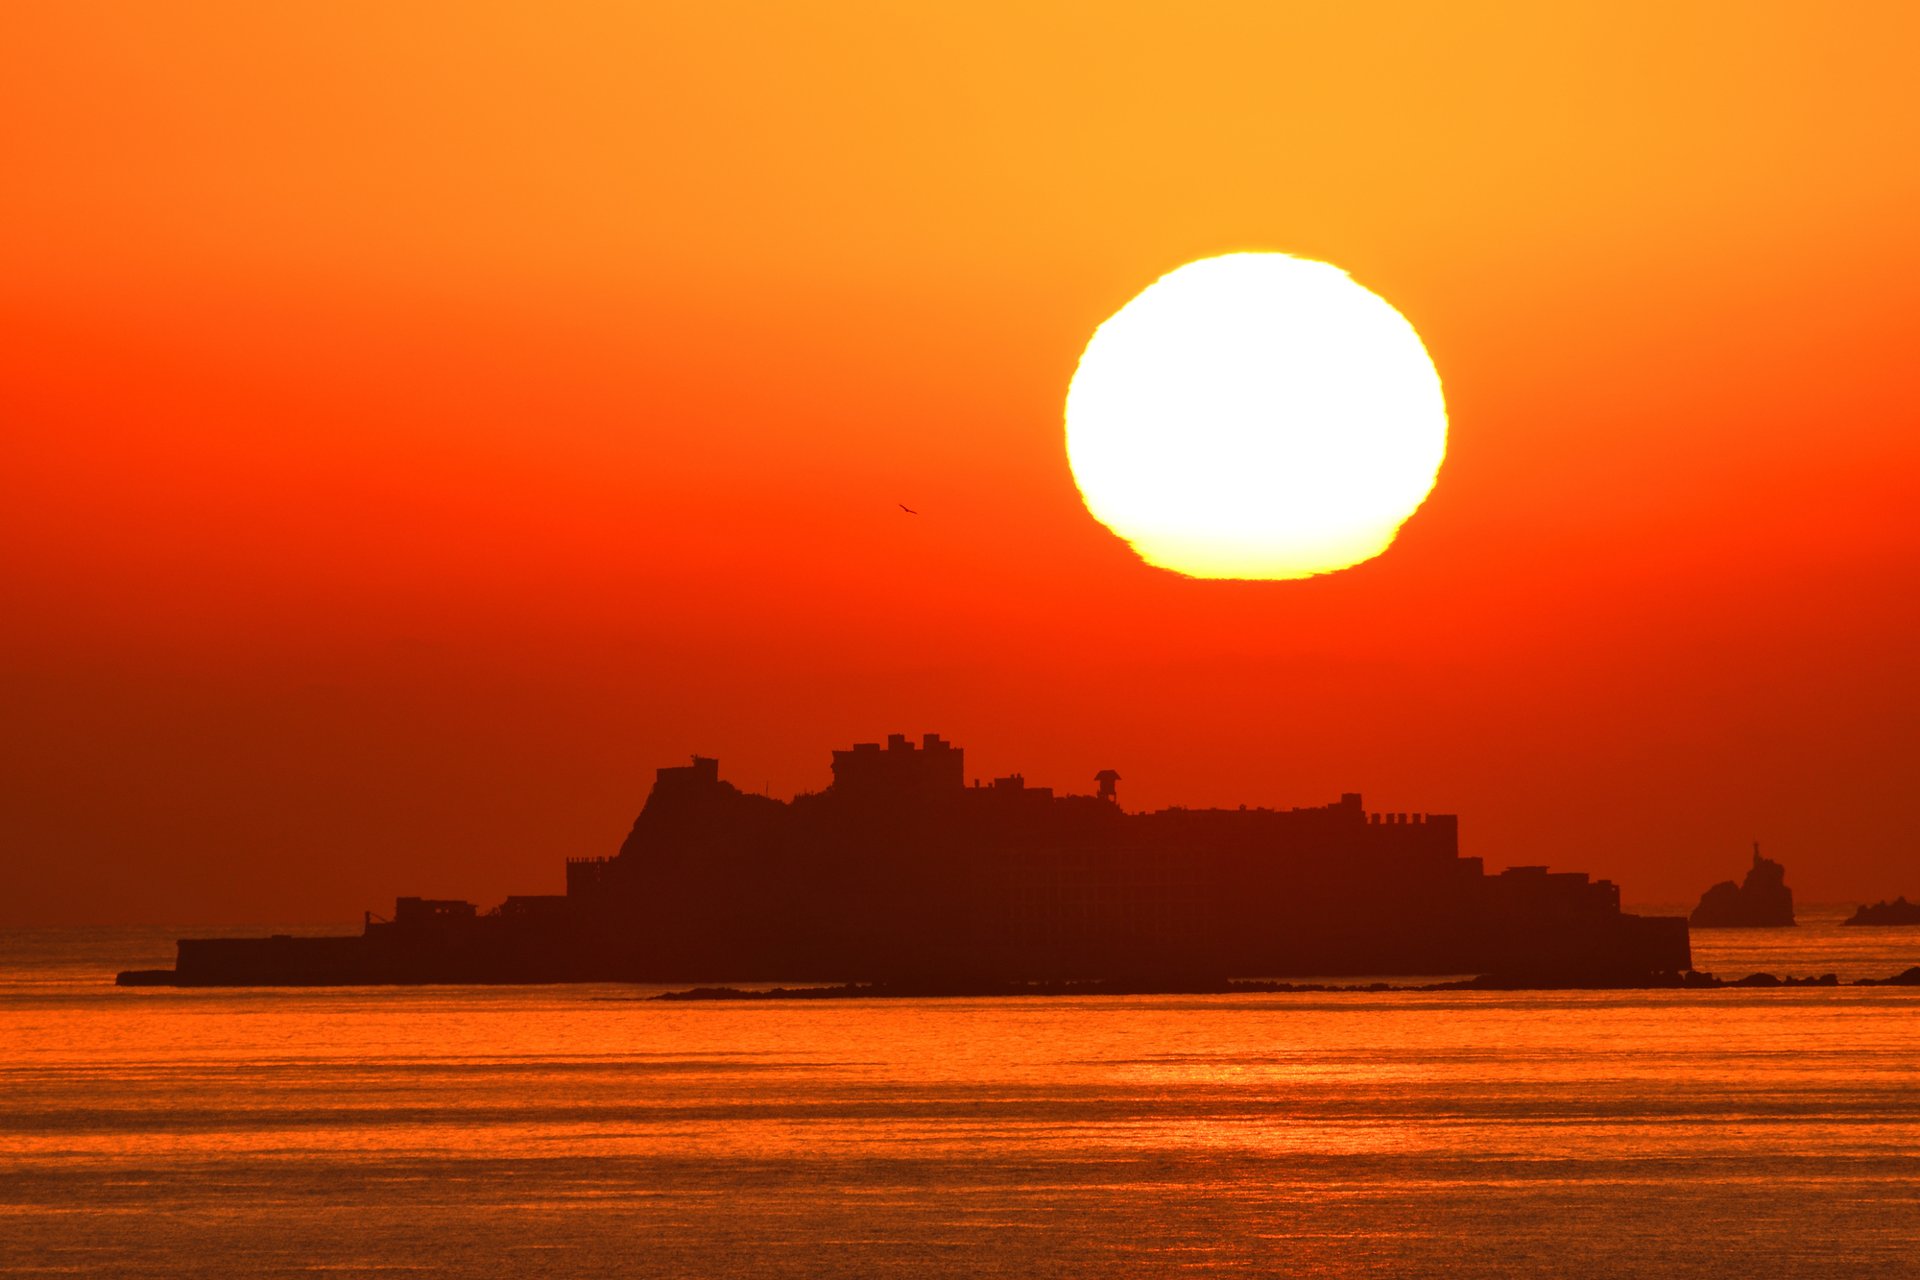 夕焼けに染まる海と船